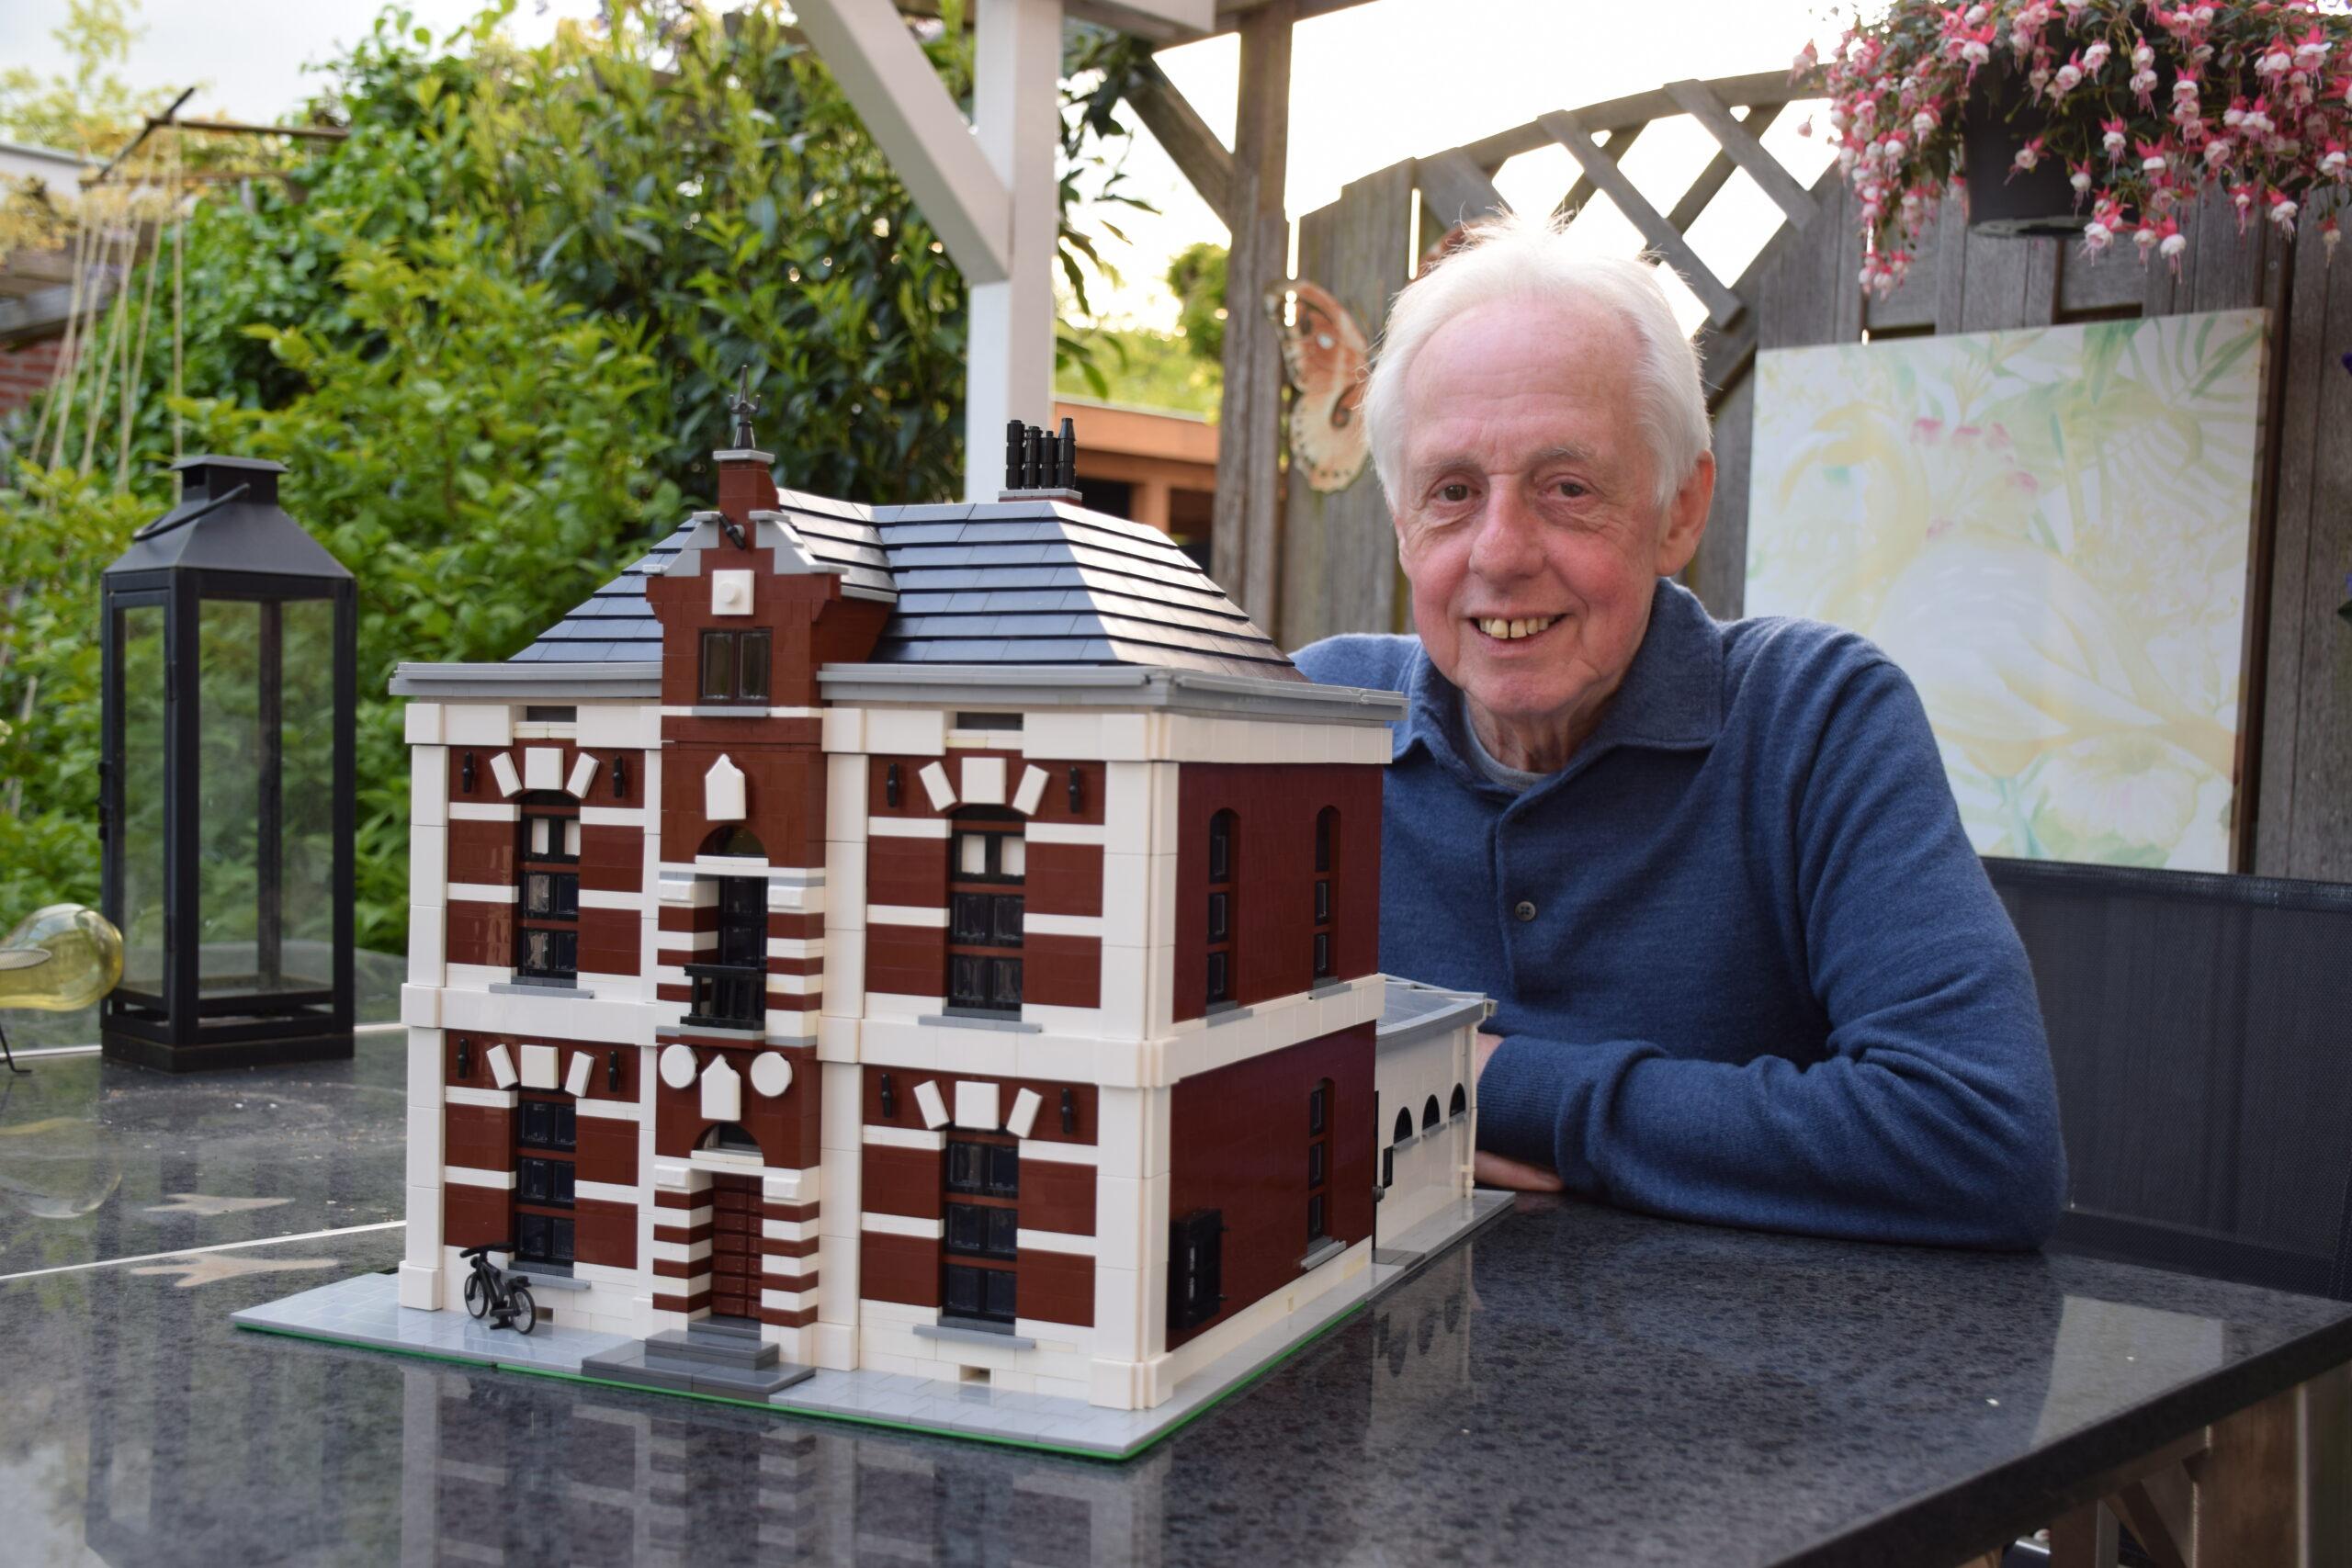 Wim Erwich bij het LEGO-huis. Foto door Frank Magdelyns, 2021